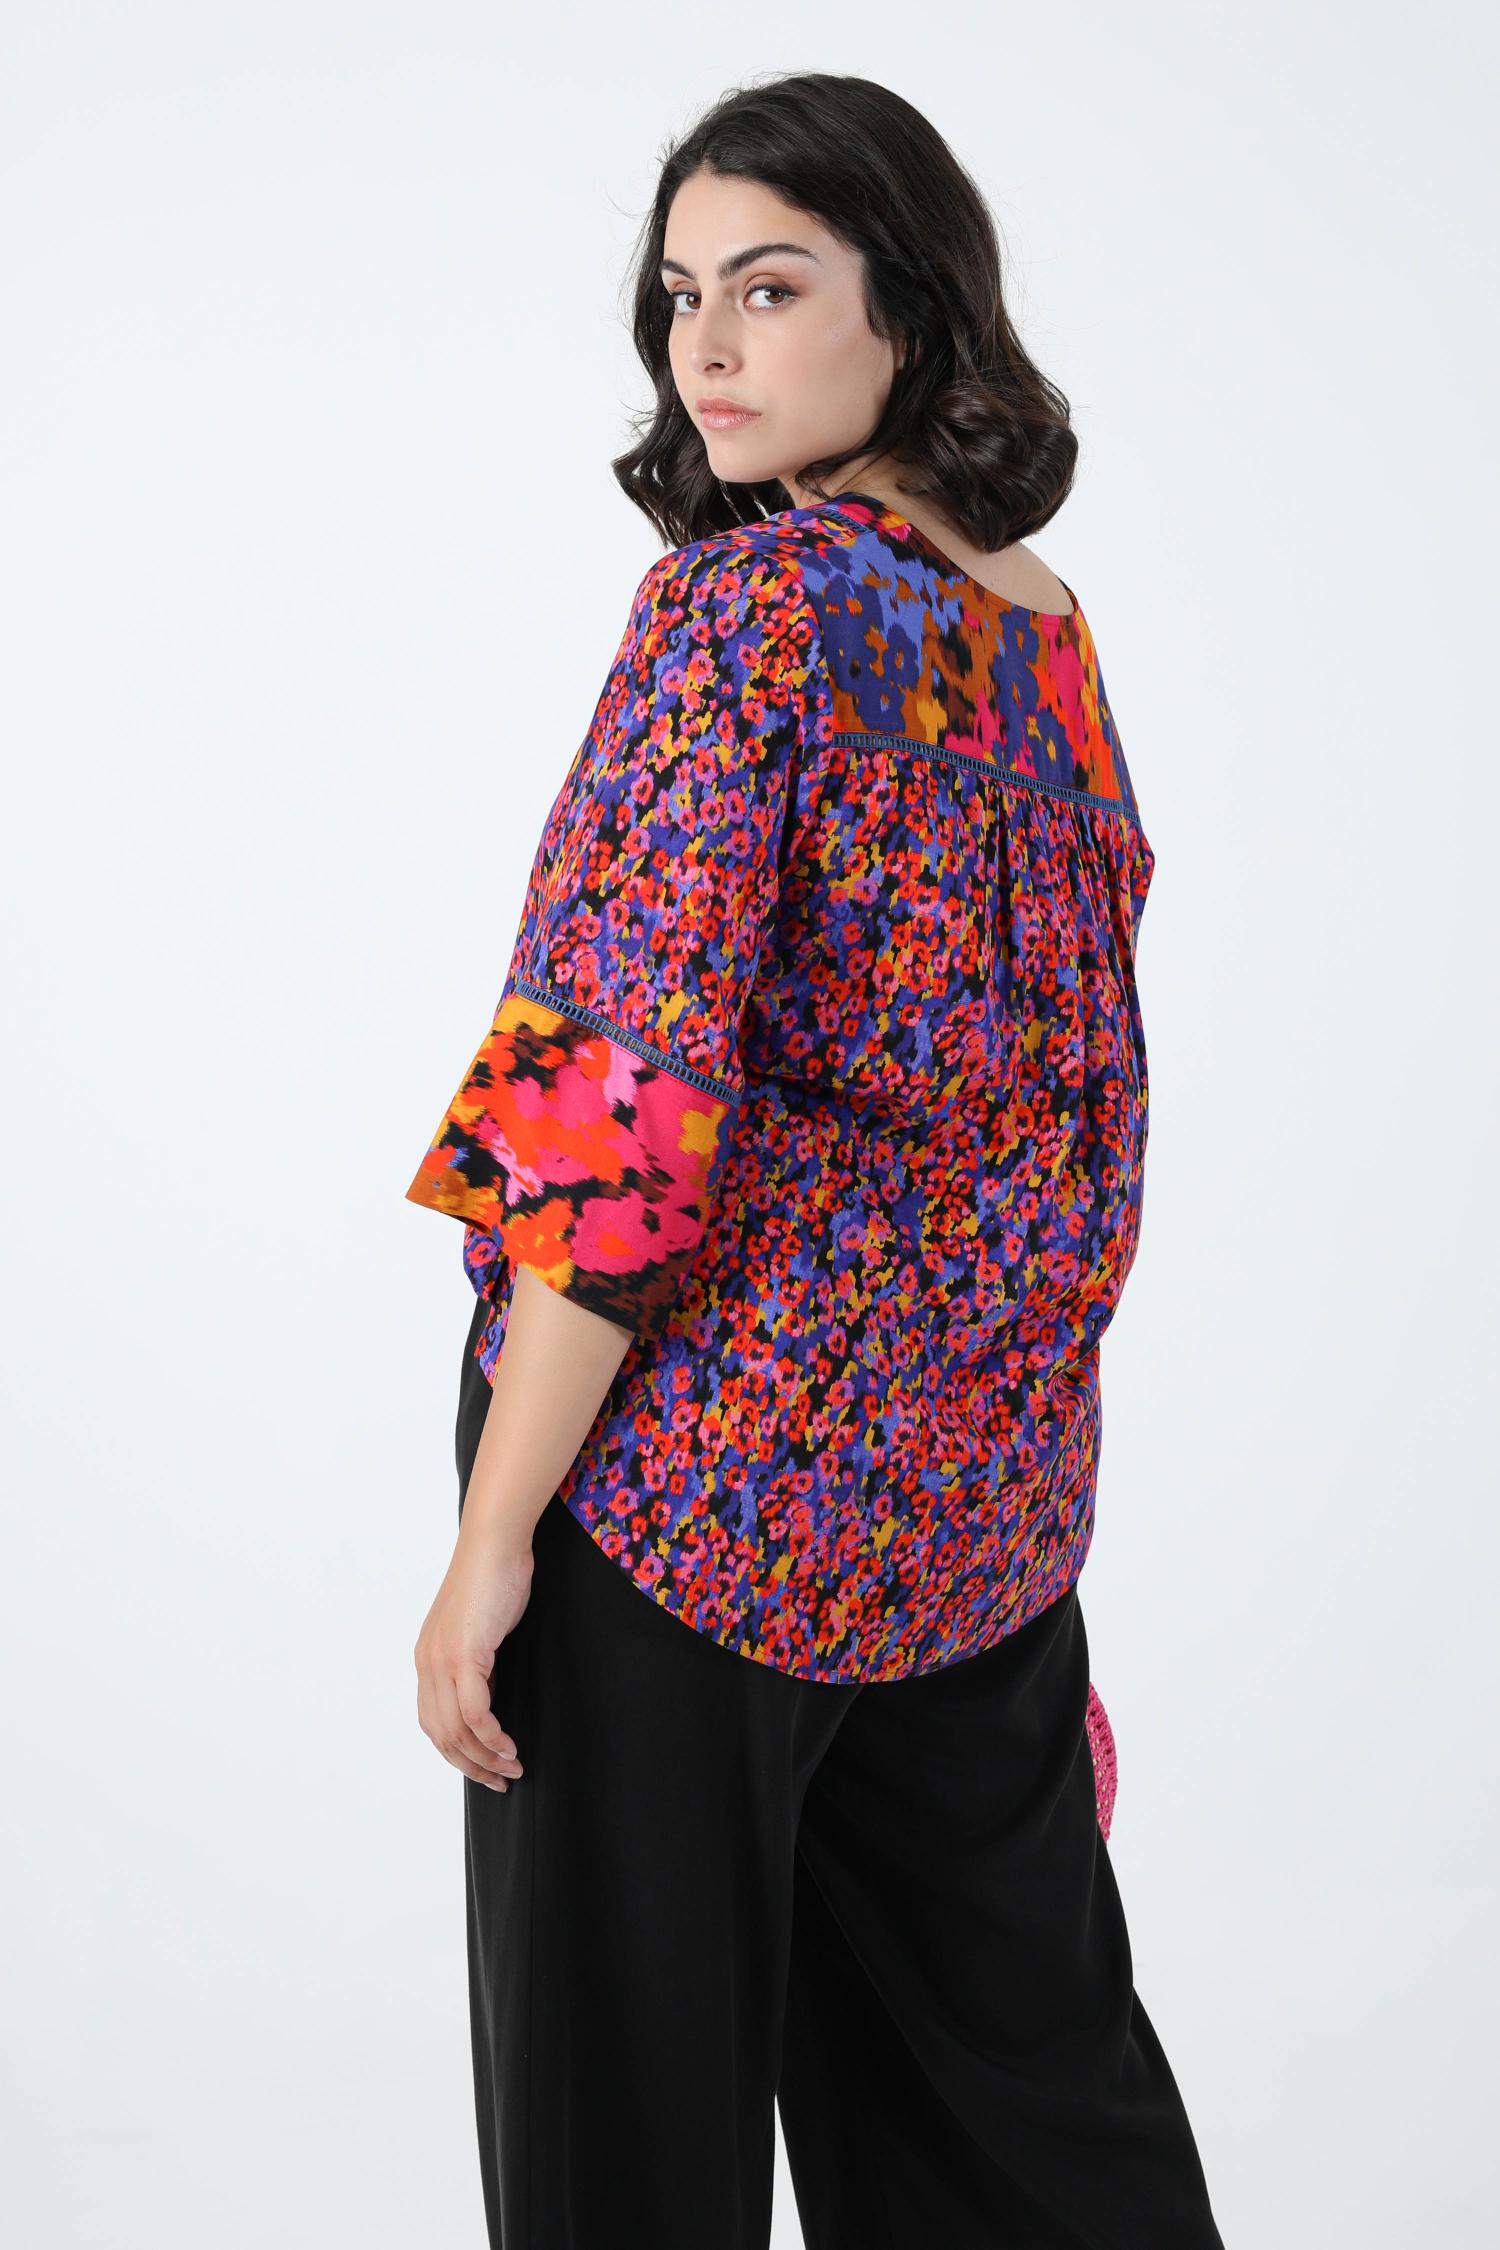 Bi-pattern printed blouse in eoko-tex fabric